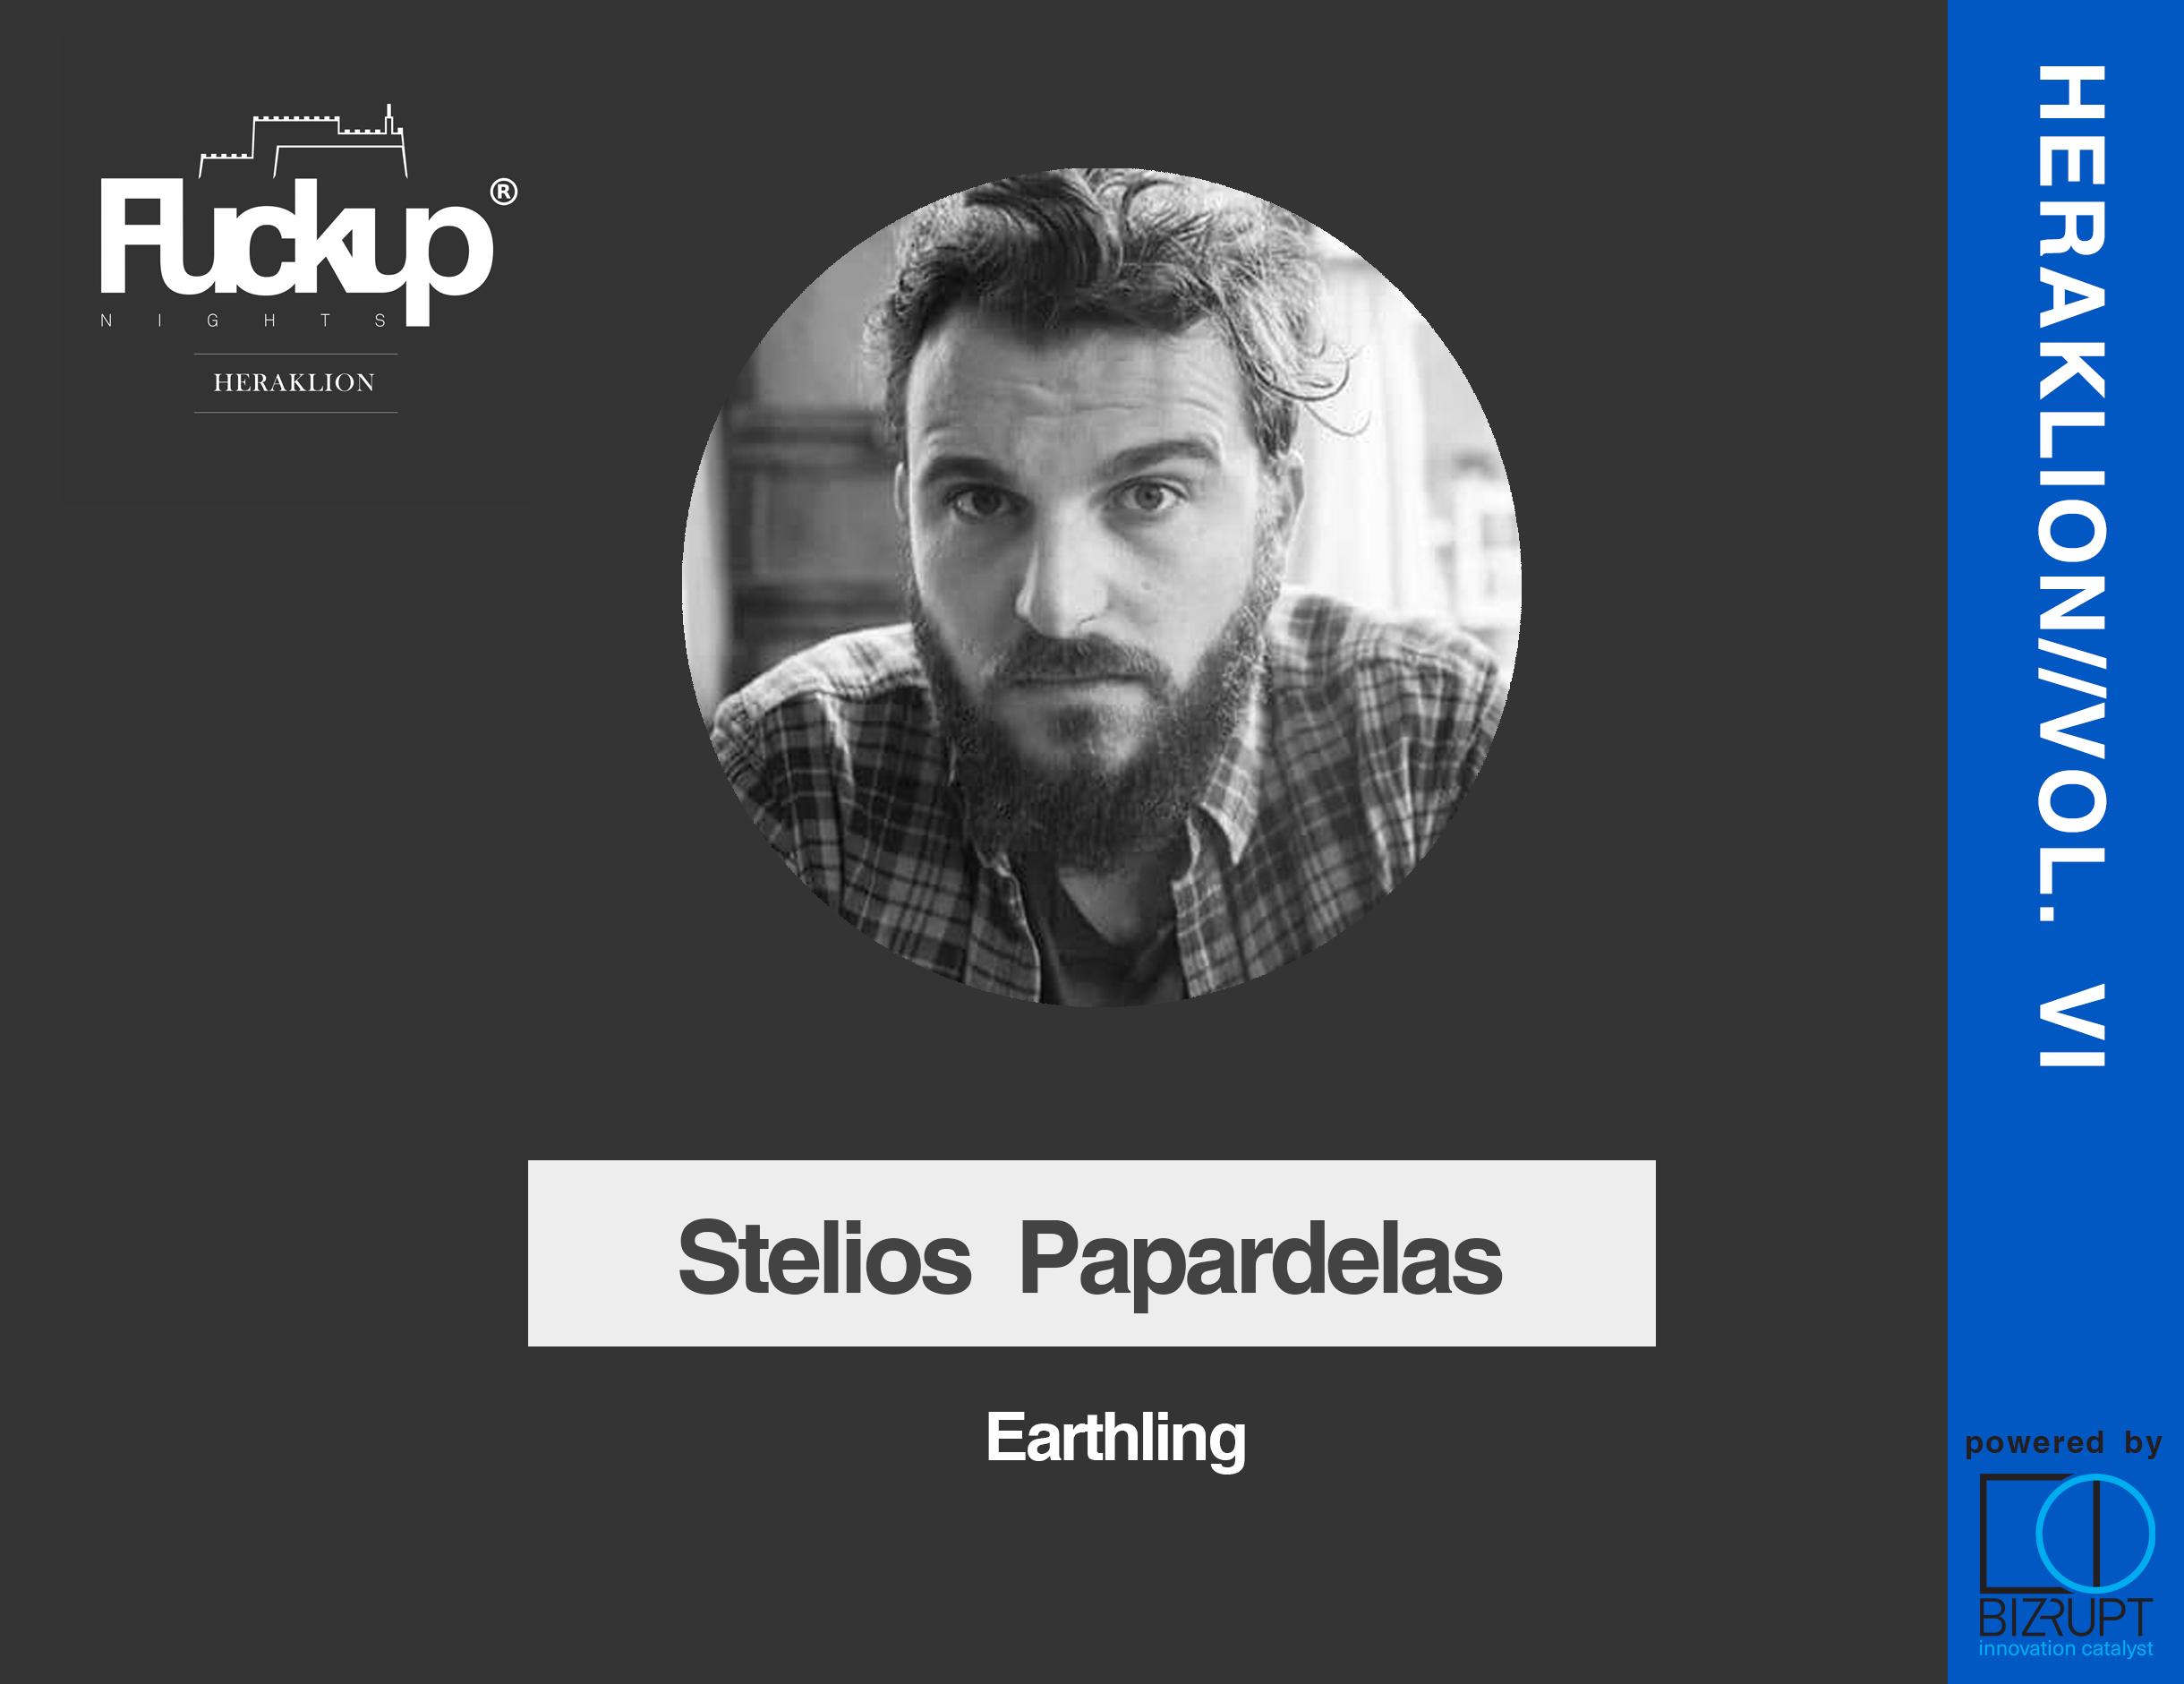 Παπαρδέλας - Fuckup Nights Heraklion